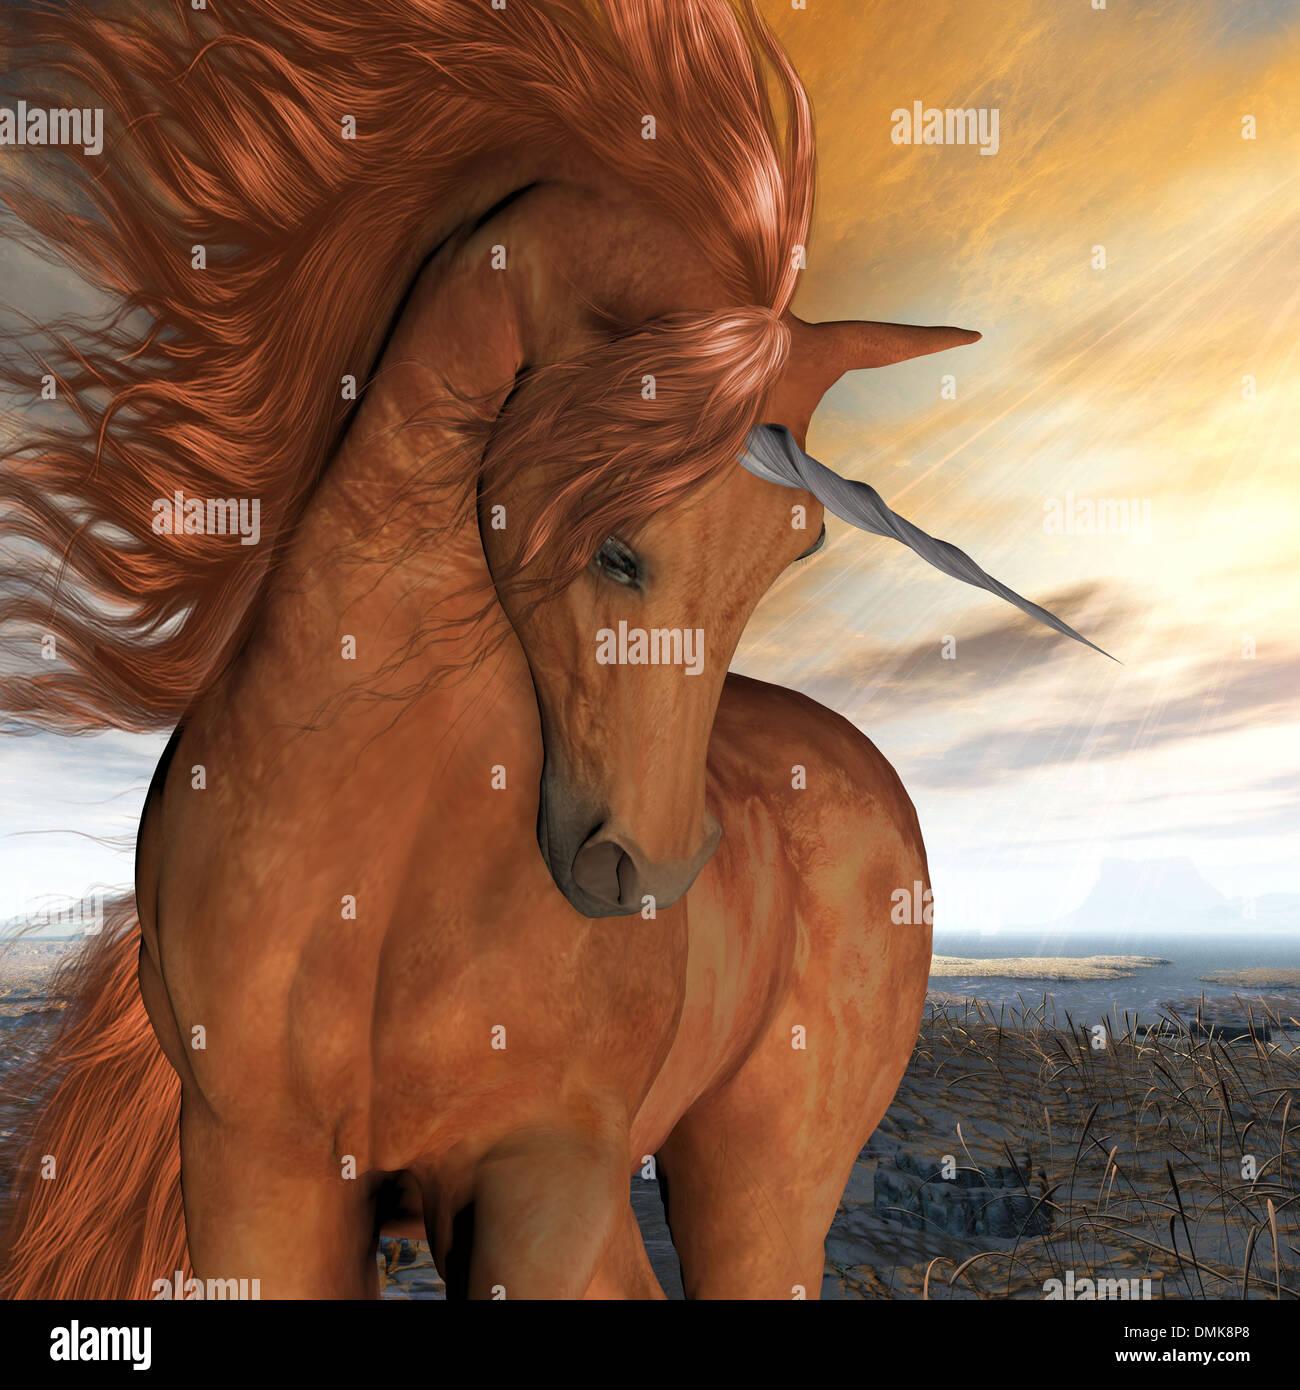 Un bellissimo unicorno castagno prances con la sua selvaggia criniera fluente e muscoli splendente. Immagini Stock